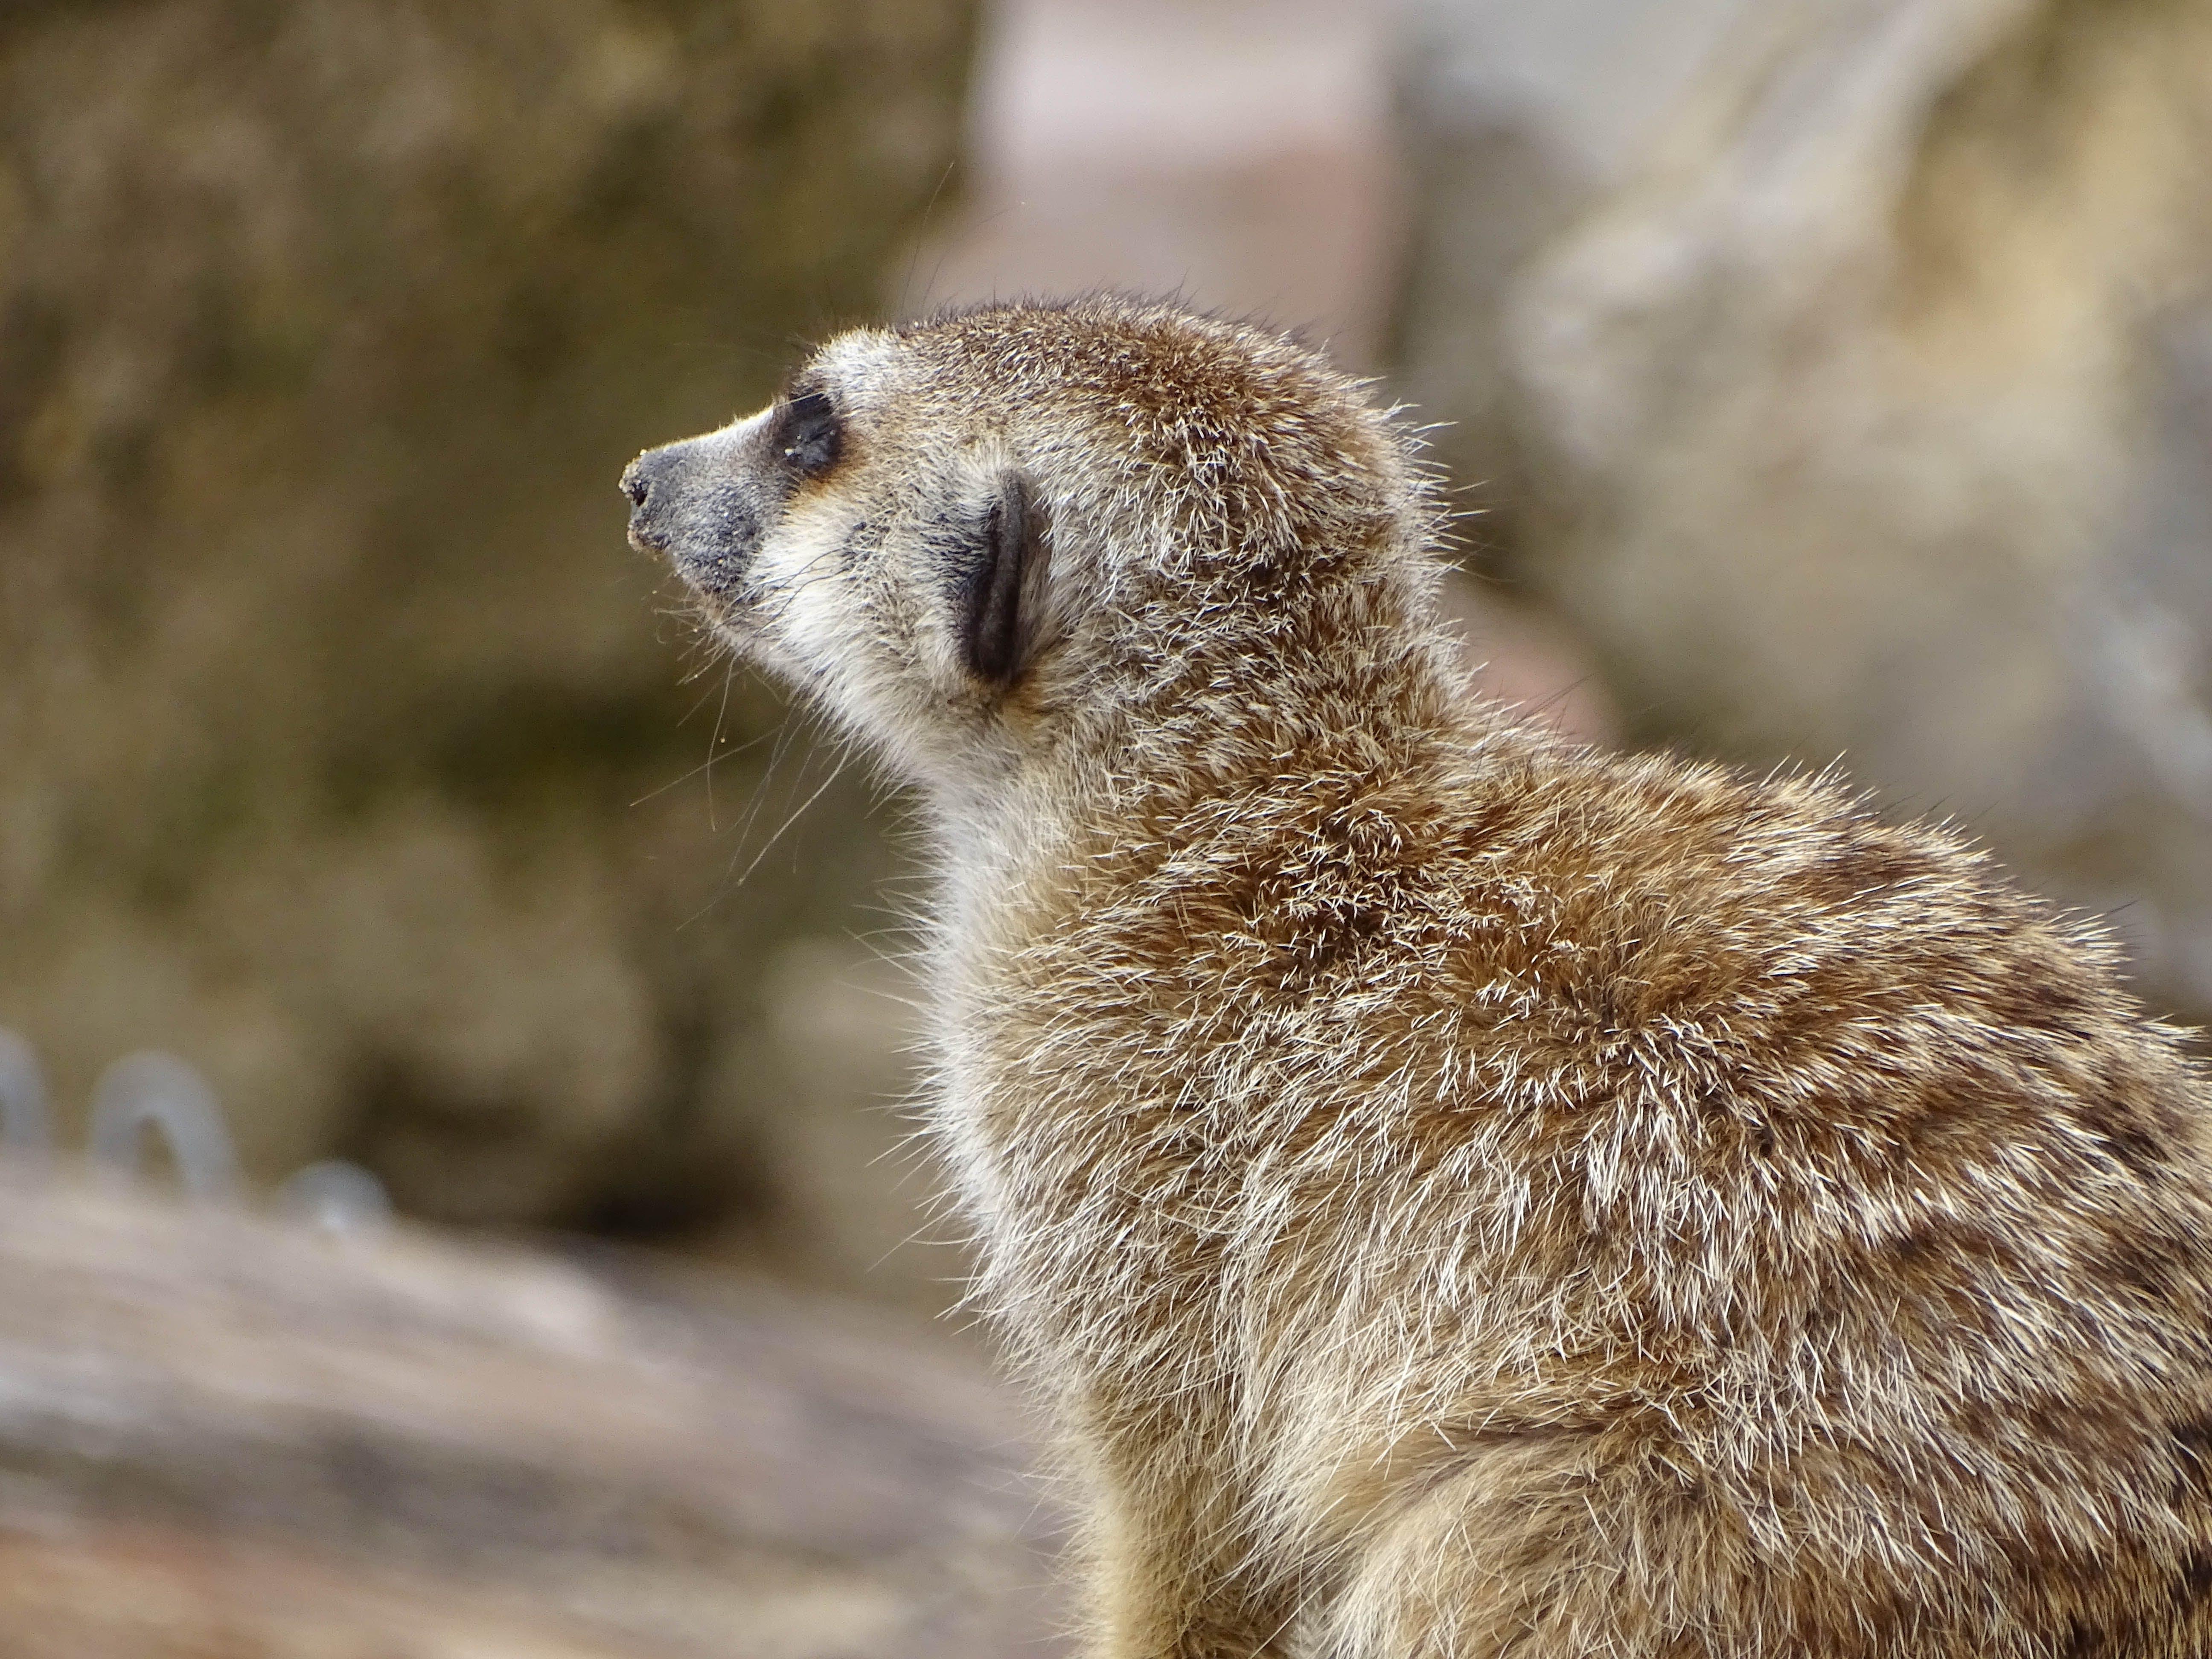 Δωρεάν στοκ φωτογραφιών με γλυκούλι, ζώα, ζώο, ζωολογικός κήπος